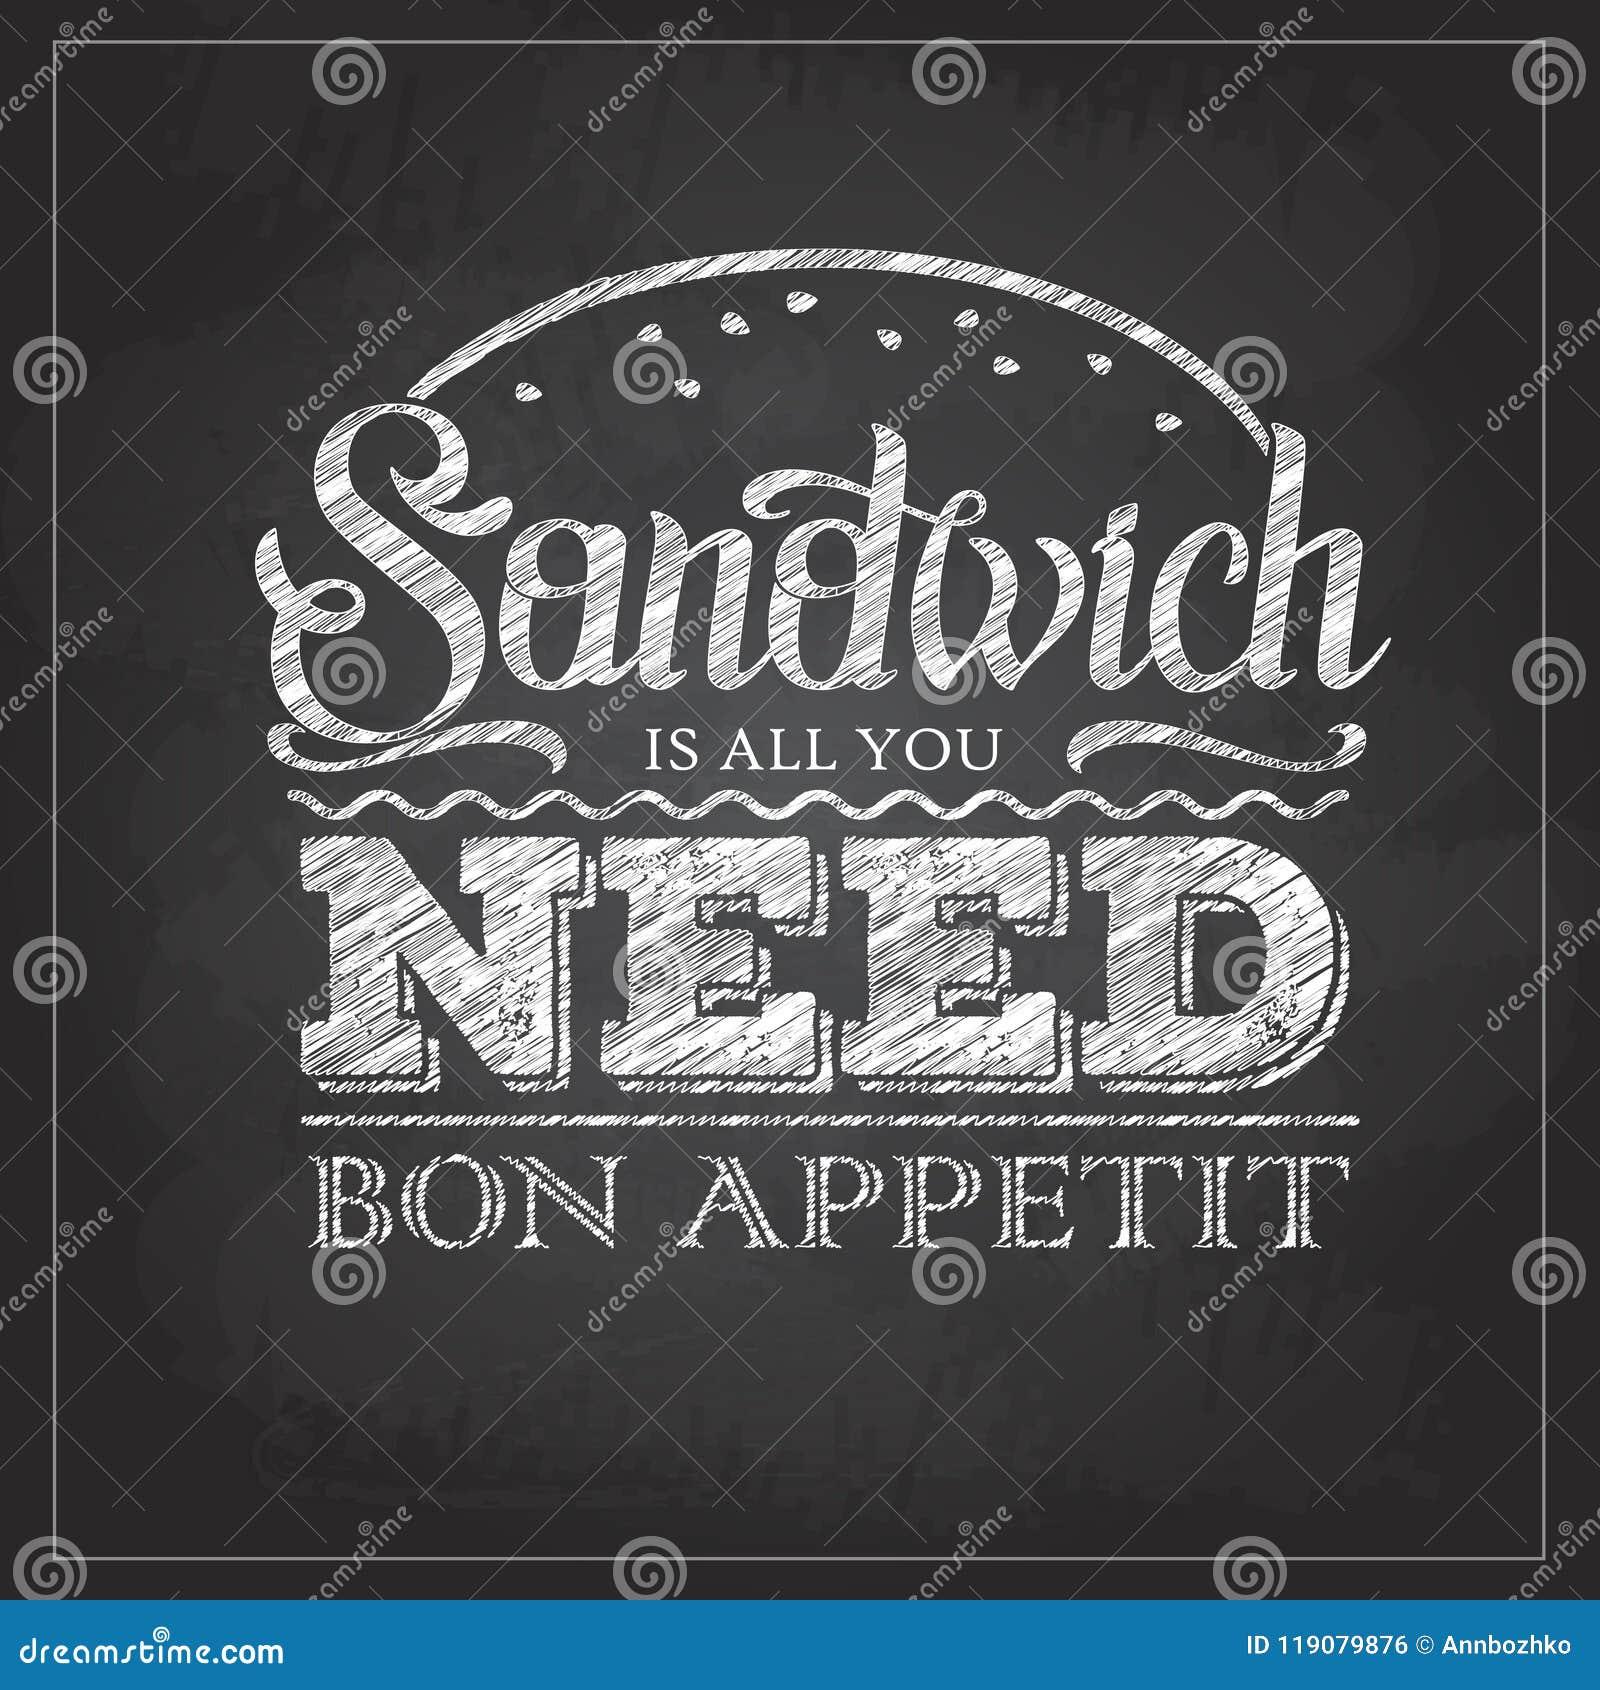 Σχέδιο επιλογών σάντουιτς τυπογραφίας σχεδίων κιμωλίας Όλη αφισών εγγραφής που χρειάζεστε είναι σάντουιτς